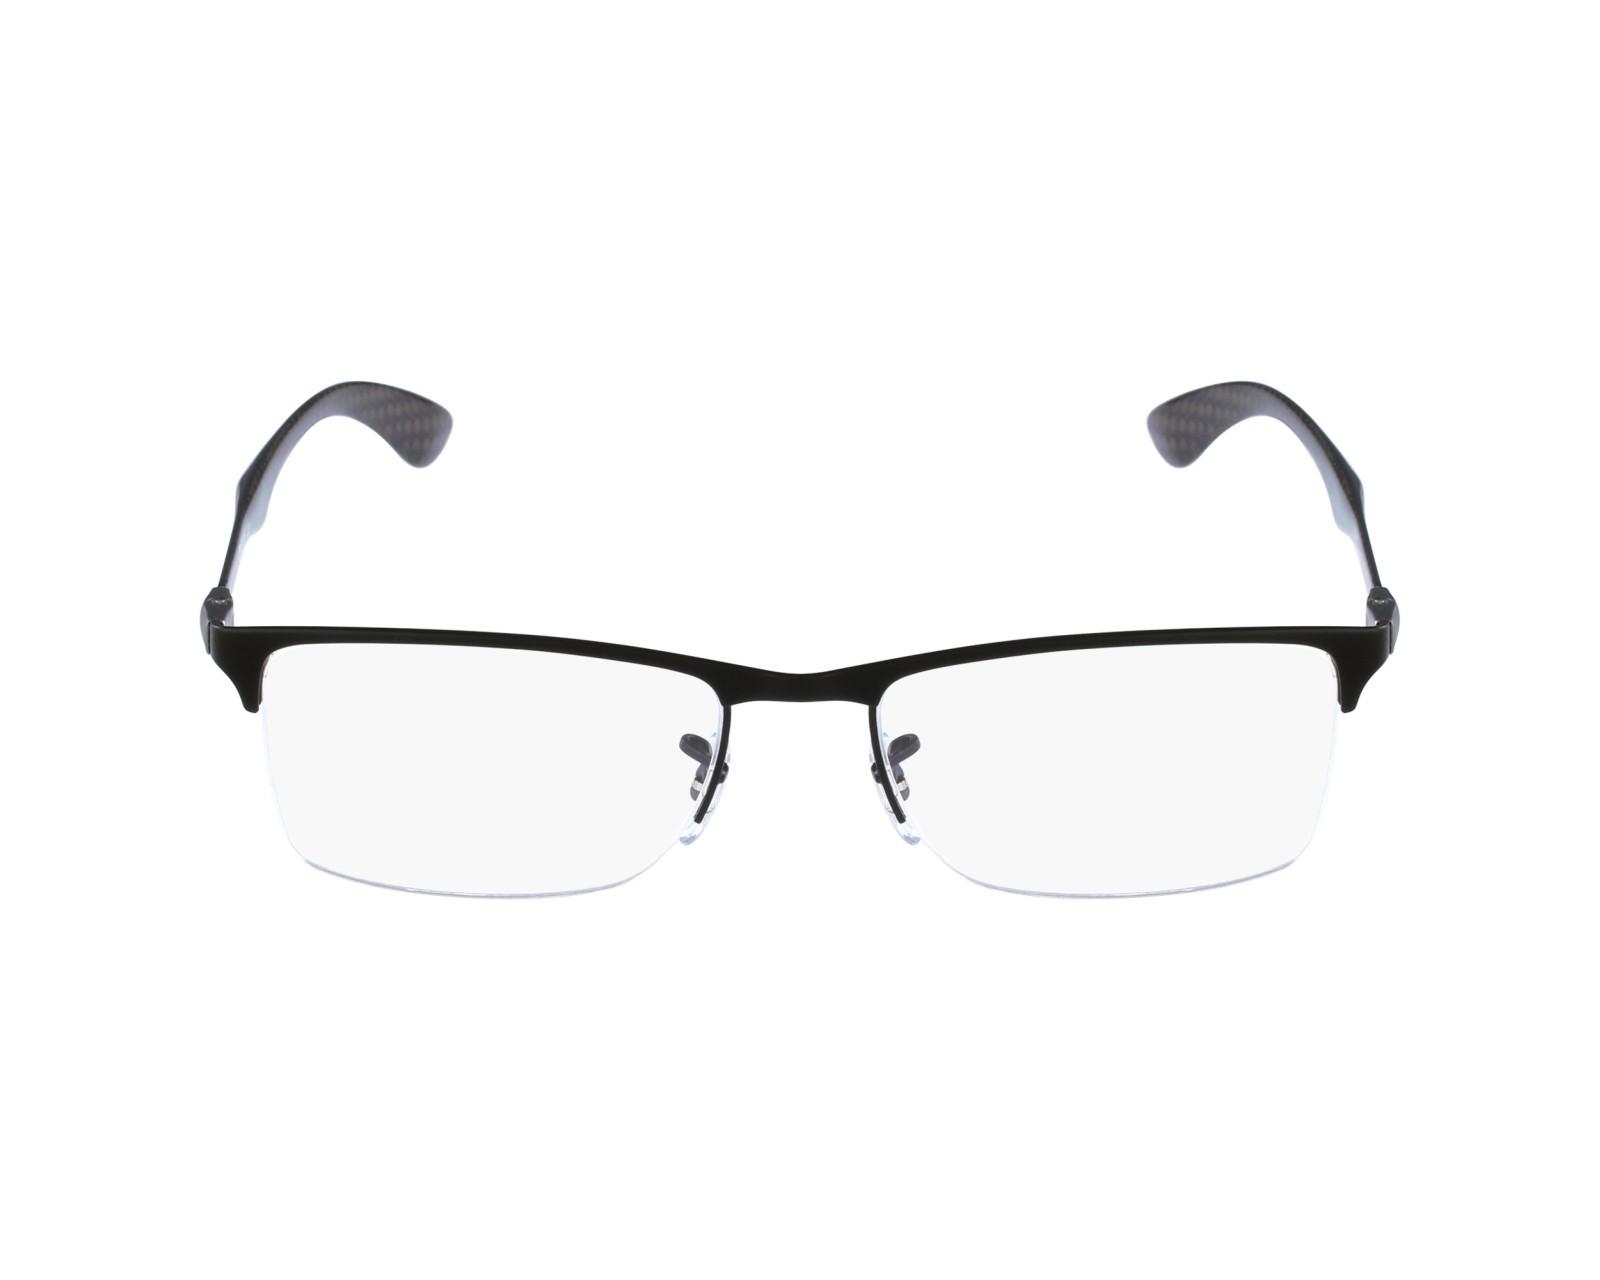 33ad79b416f9 eyeglasses Ray-Ban RX-8413 2503 52-18 Black profile view